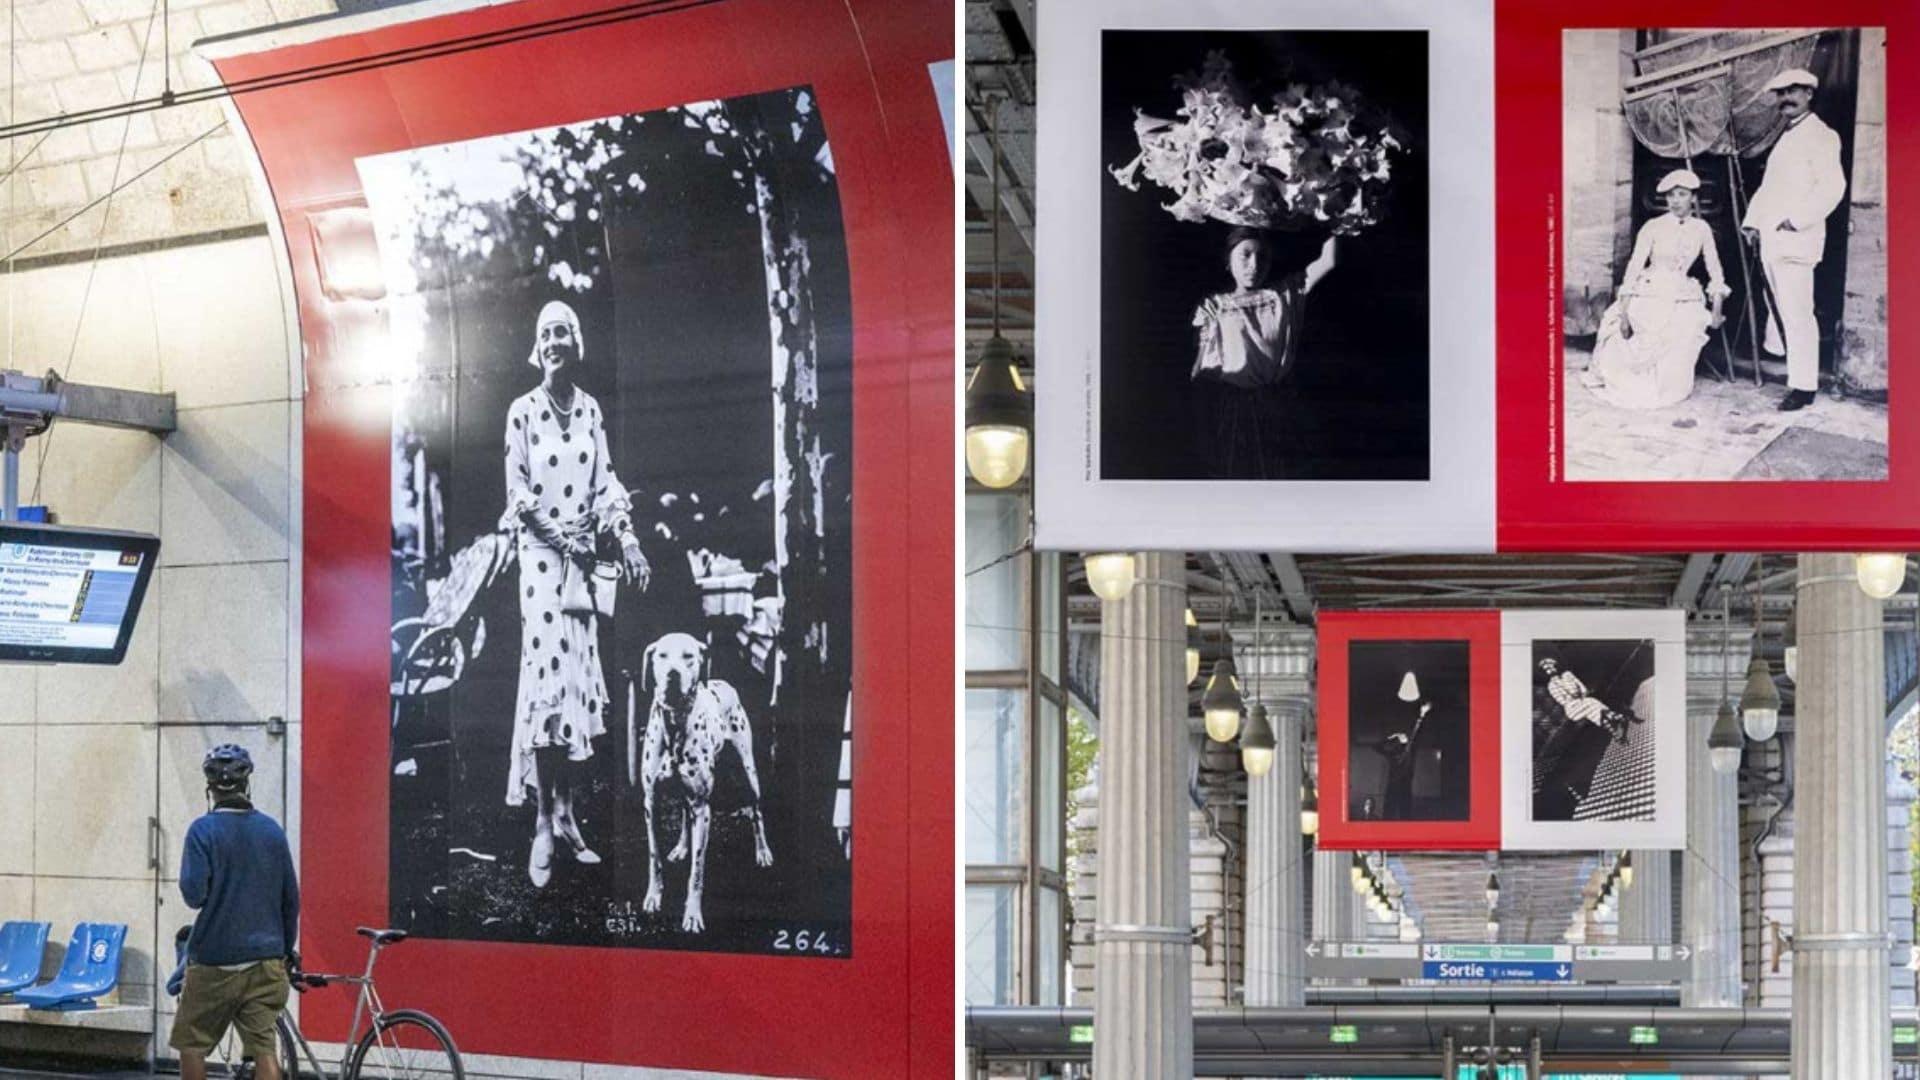 exposition noir et blanc métro paris grand palais photo bnf ratp